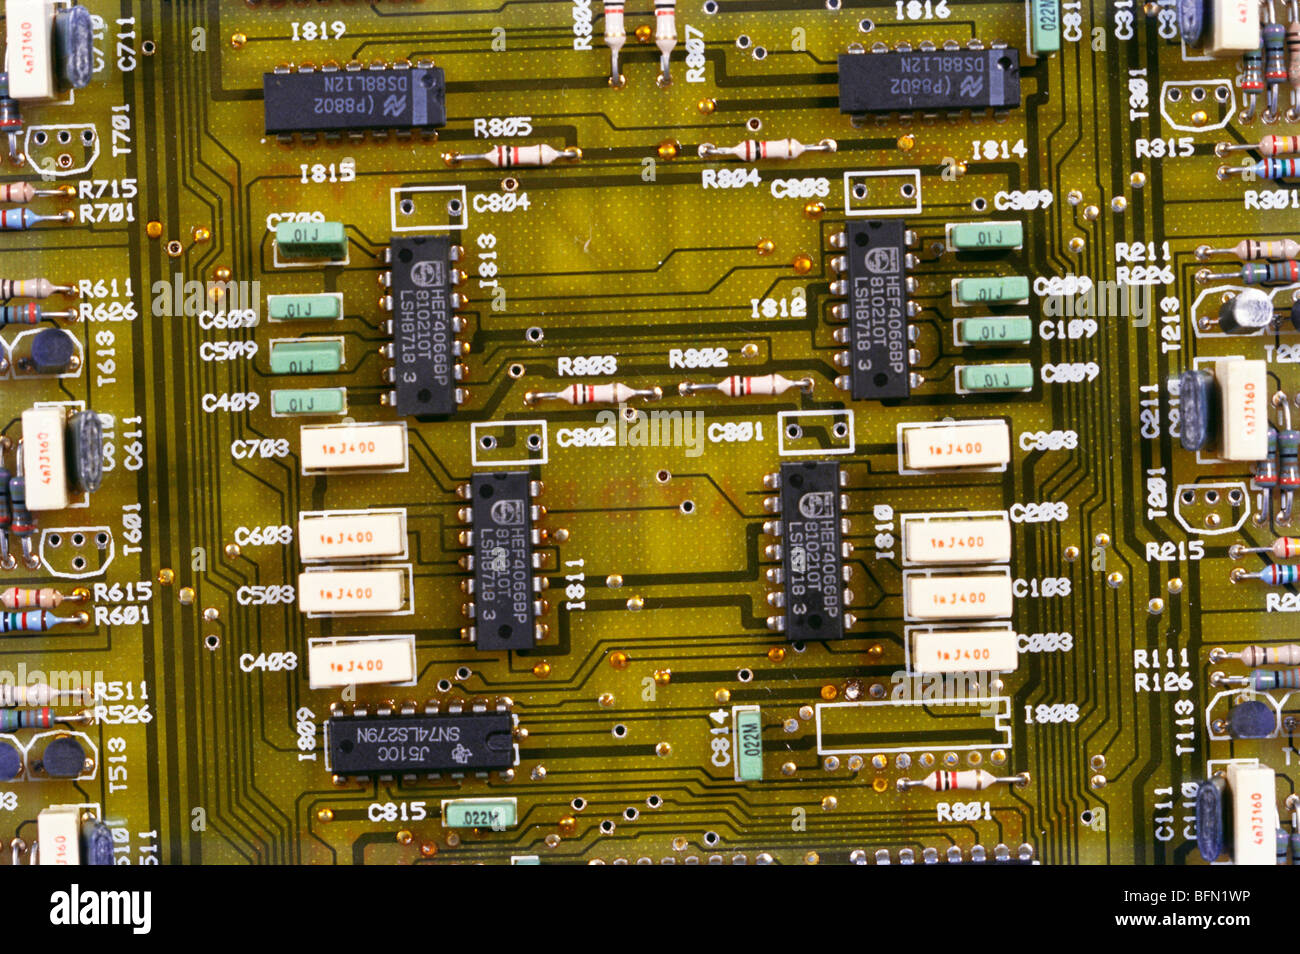 RJP 61272: PCB circuits électroniques imprimés; Inde Photo Stock